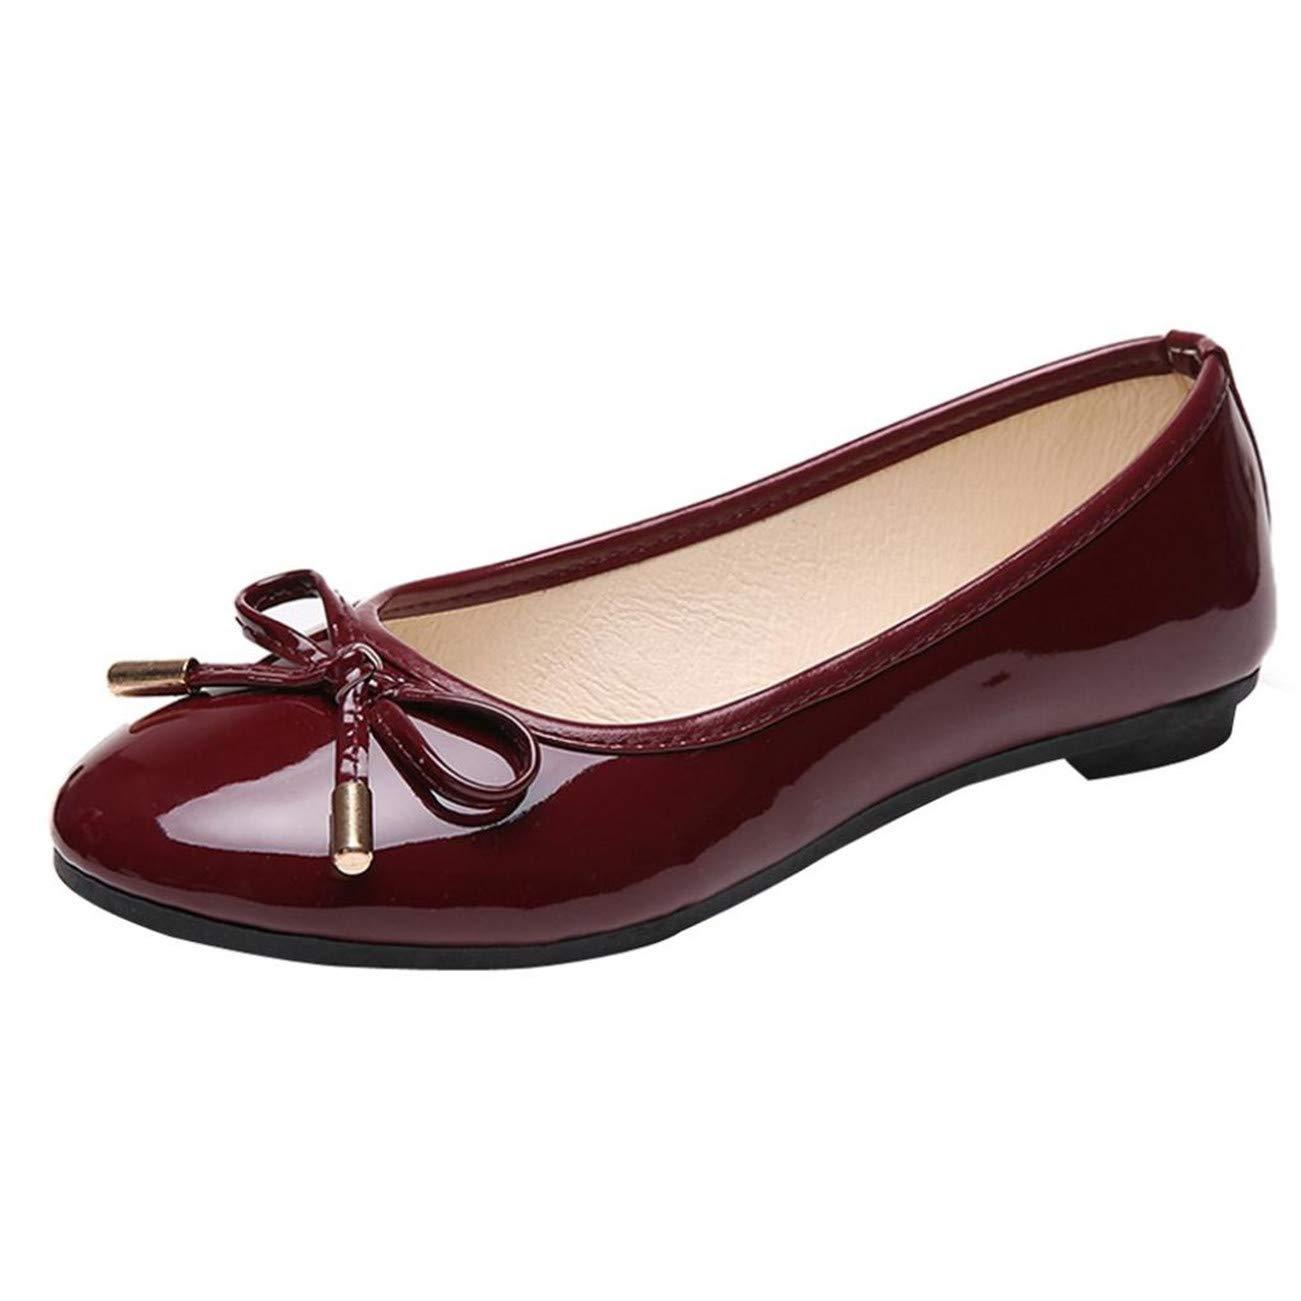 Chaussures Femme De Mode Femmes Rondes Orteil Plat Papillon-Noeud Loisirs Confortables Chaussures HCFKJ-Js